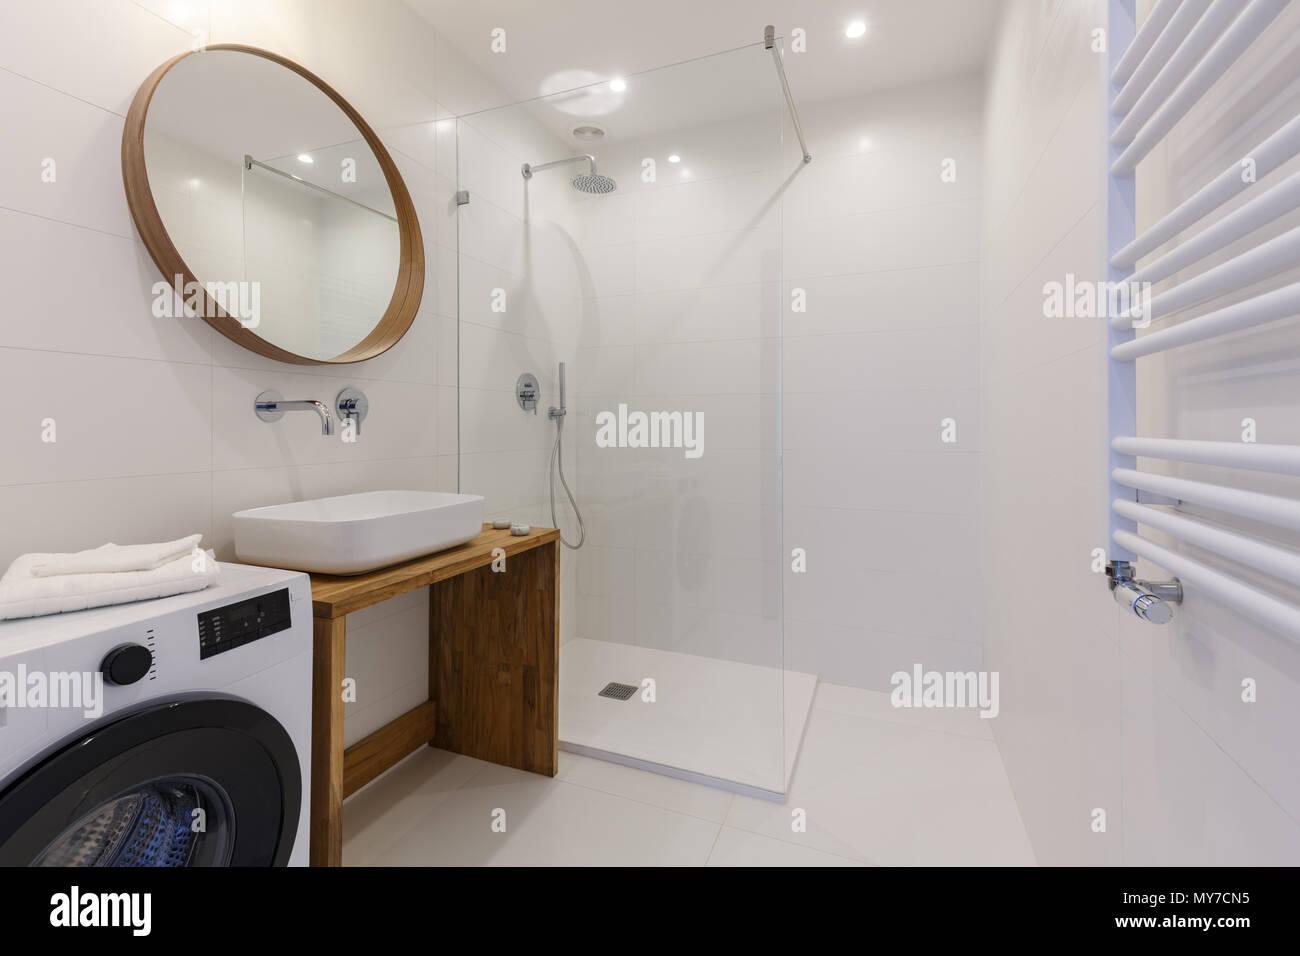 Bagno Con Doccia E Lavatrice.Specchio Sopra Lavabo In Bianco E Bagno Interno Con Doccia E